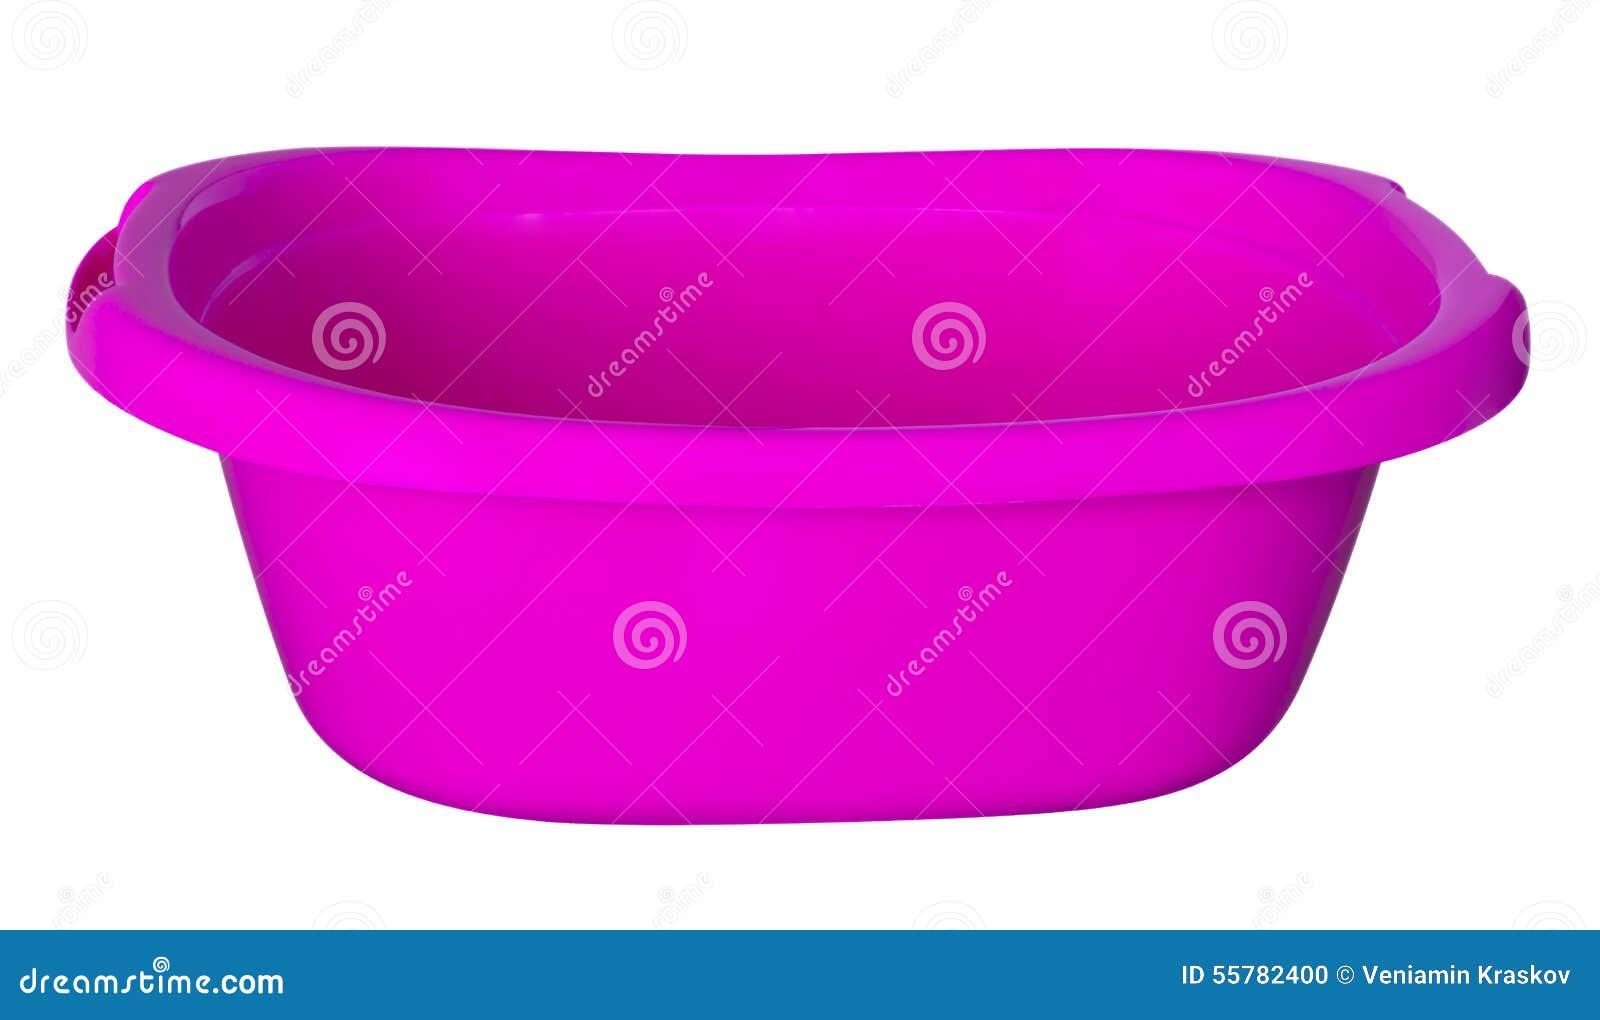 Vasca Da Bagno In Plastica : Vasca da bagno è aumentato fotografia stock immagine di plastica